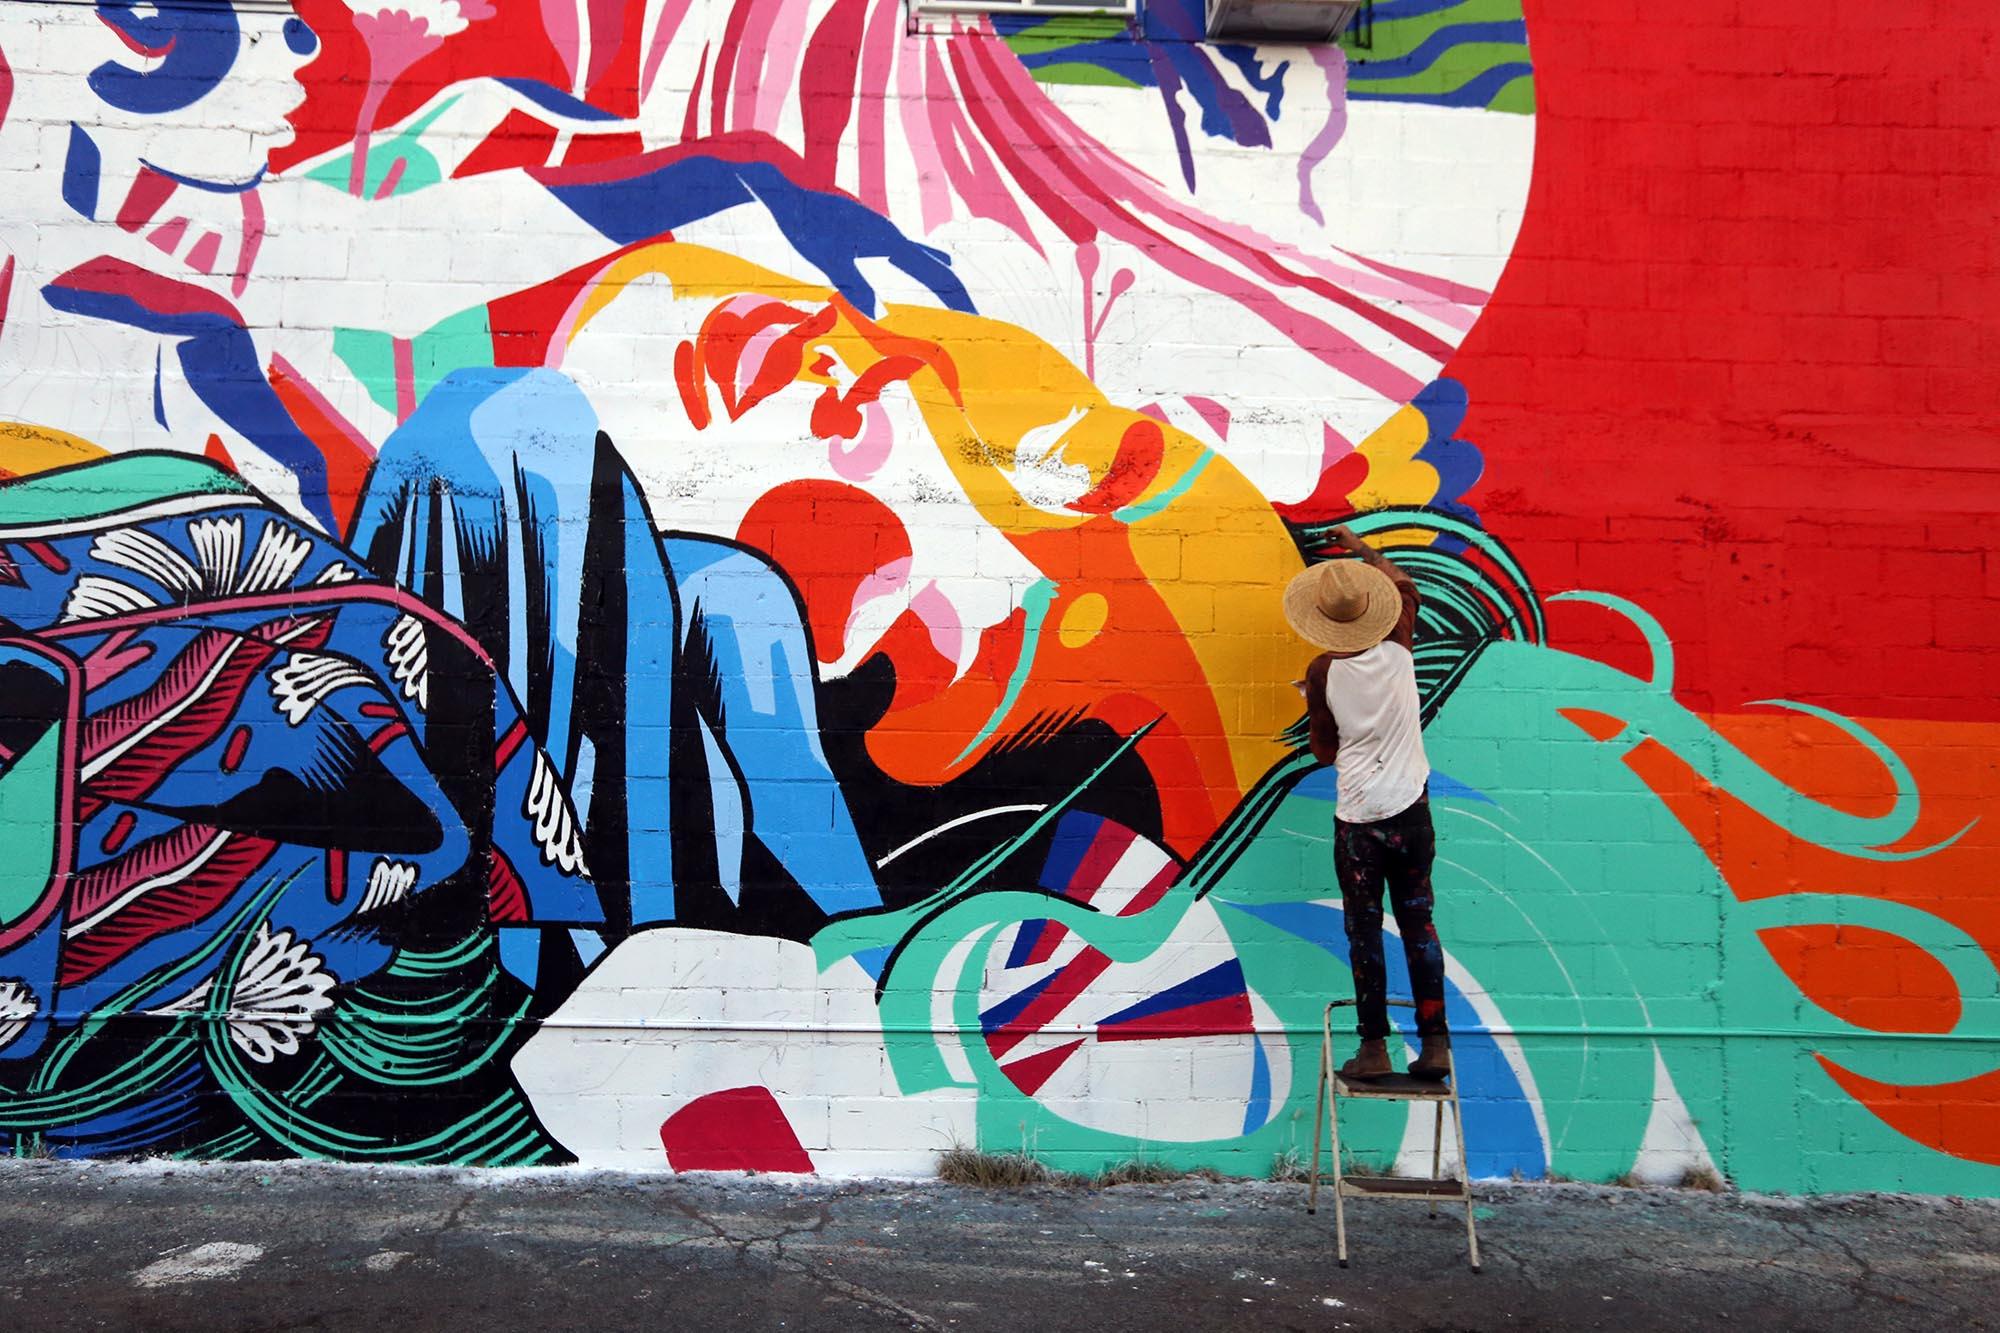 bicicleta sem freio-pow wow festival-mural-grafite-dionisio-arte (1)